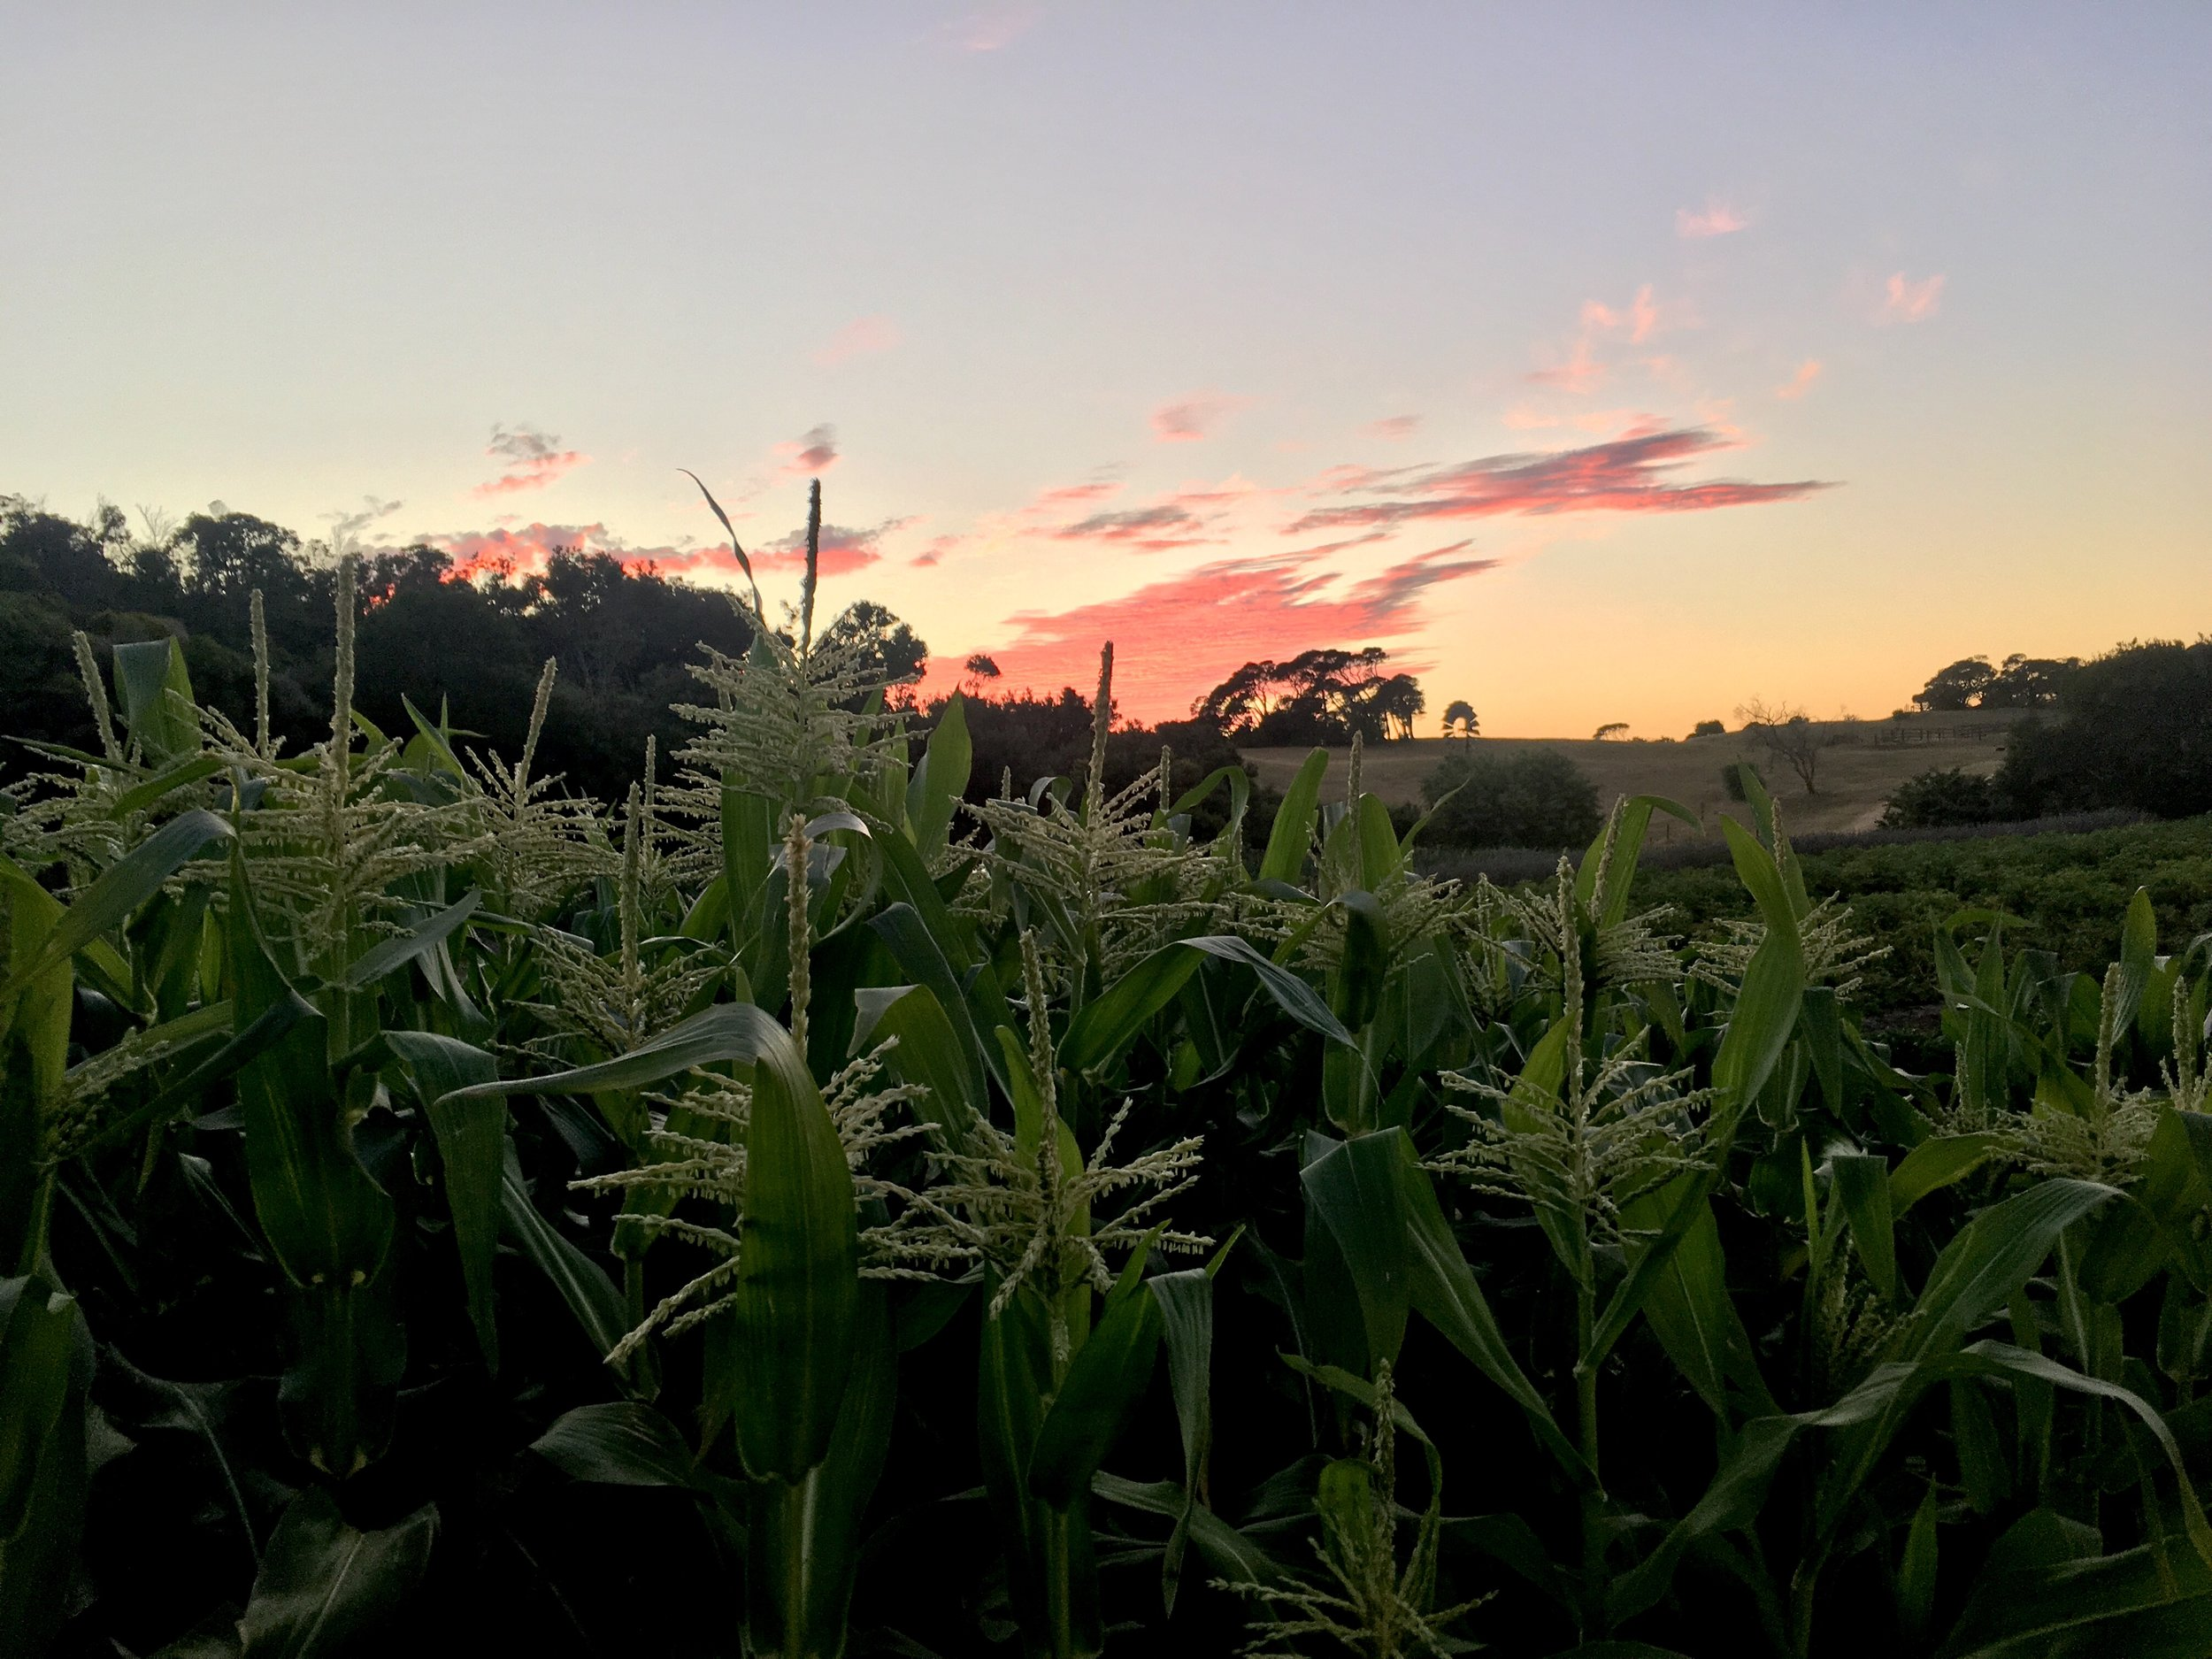 Corn tassels.